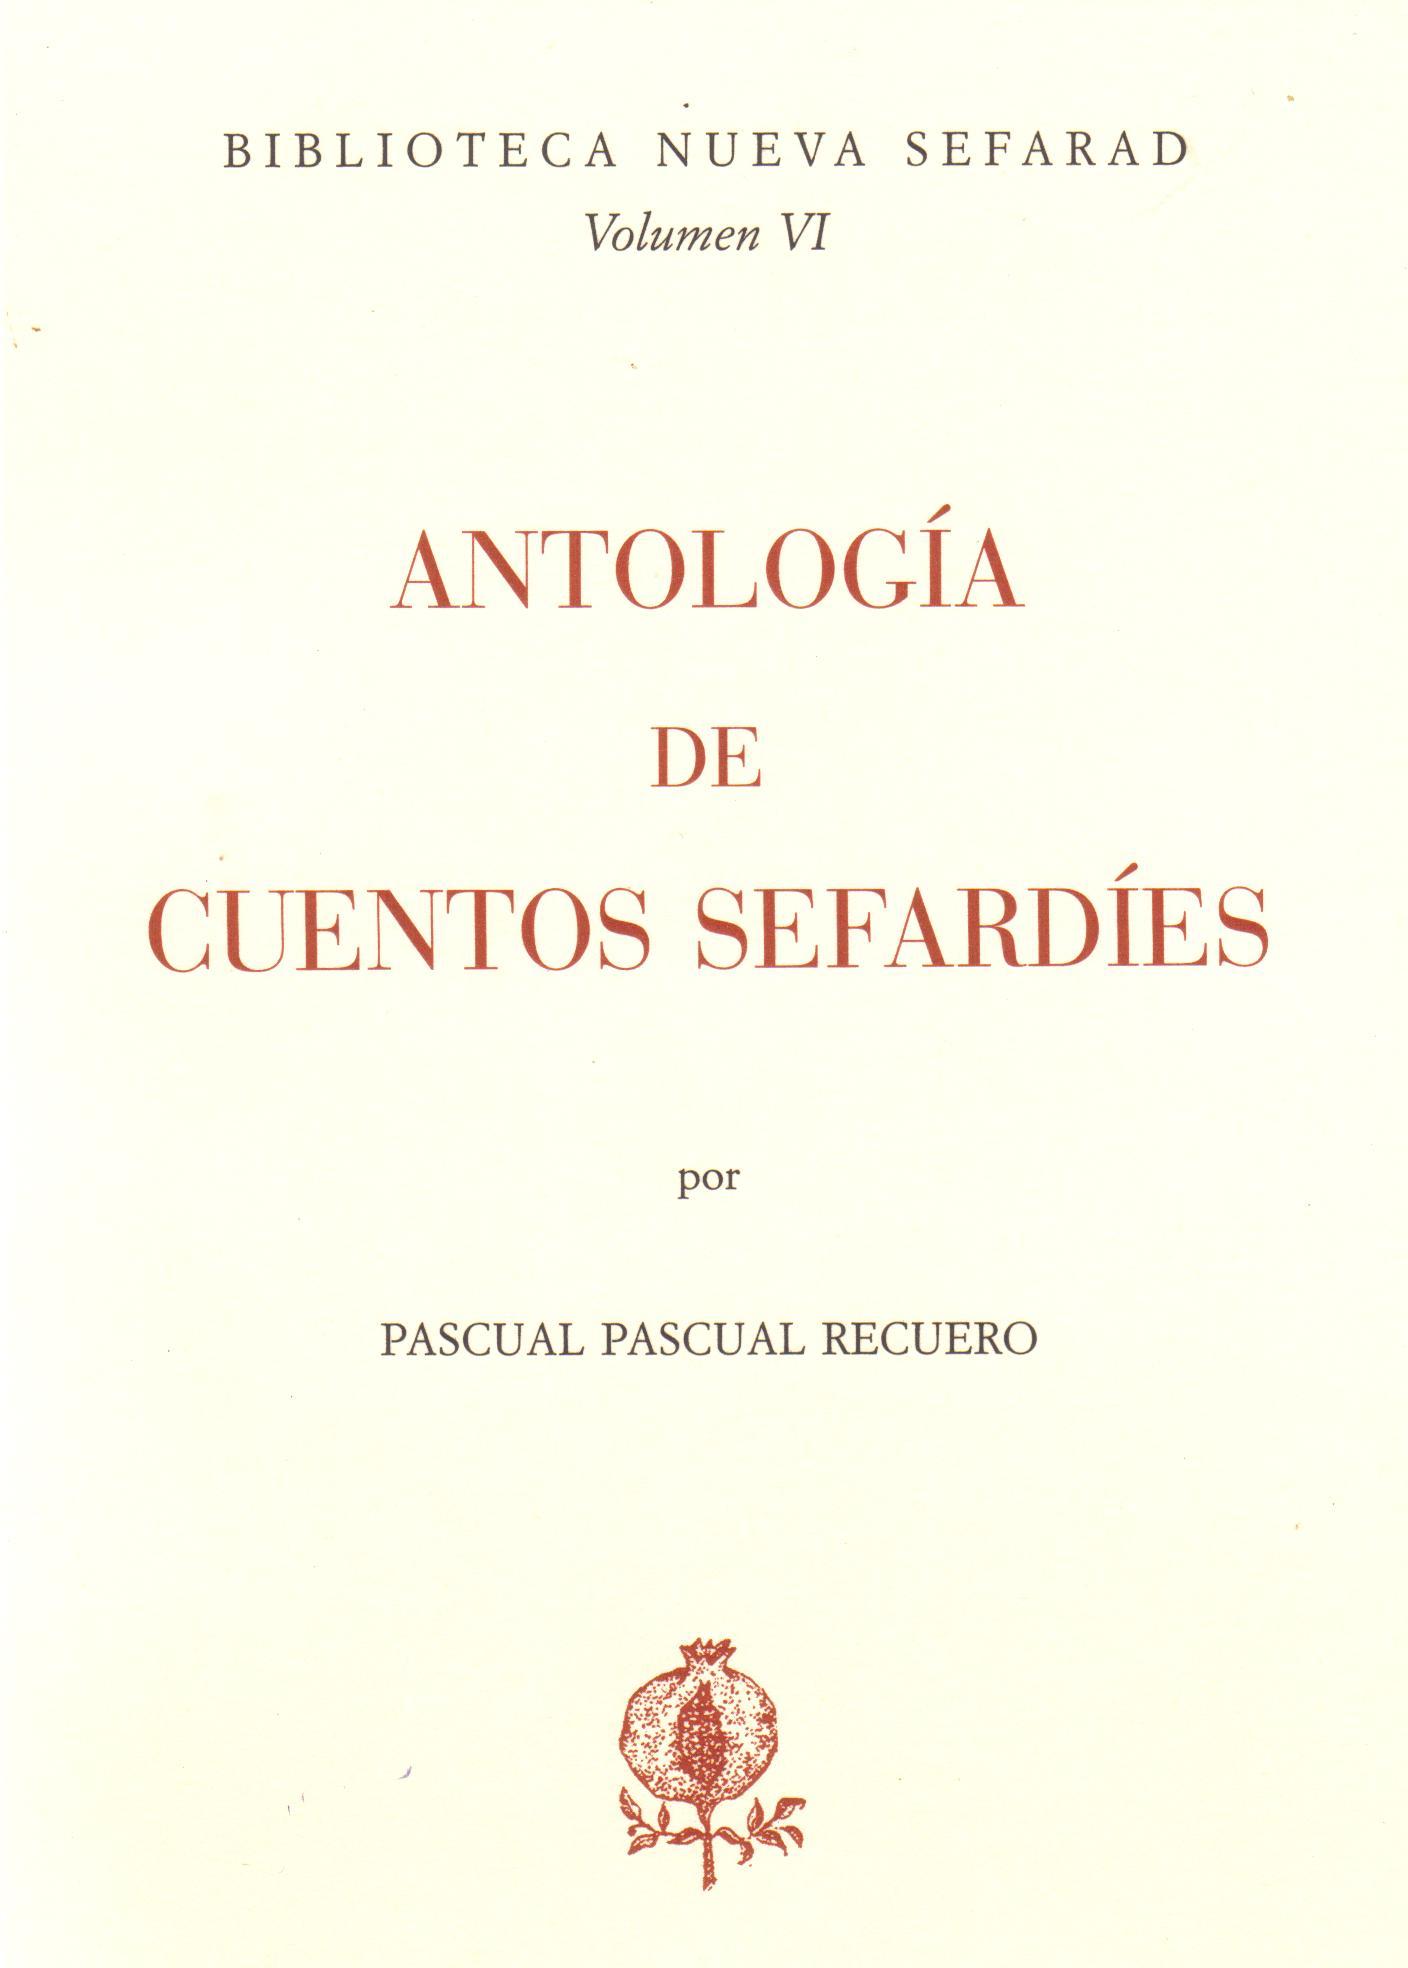 Antología de cuentos sefardíes